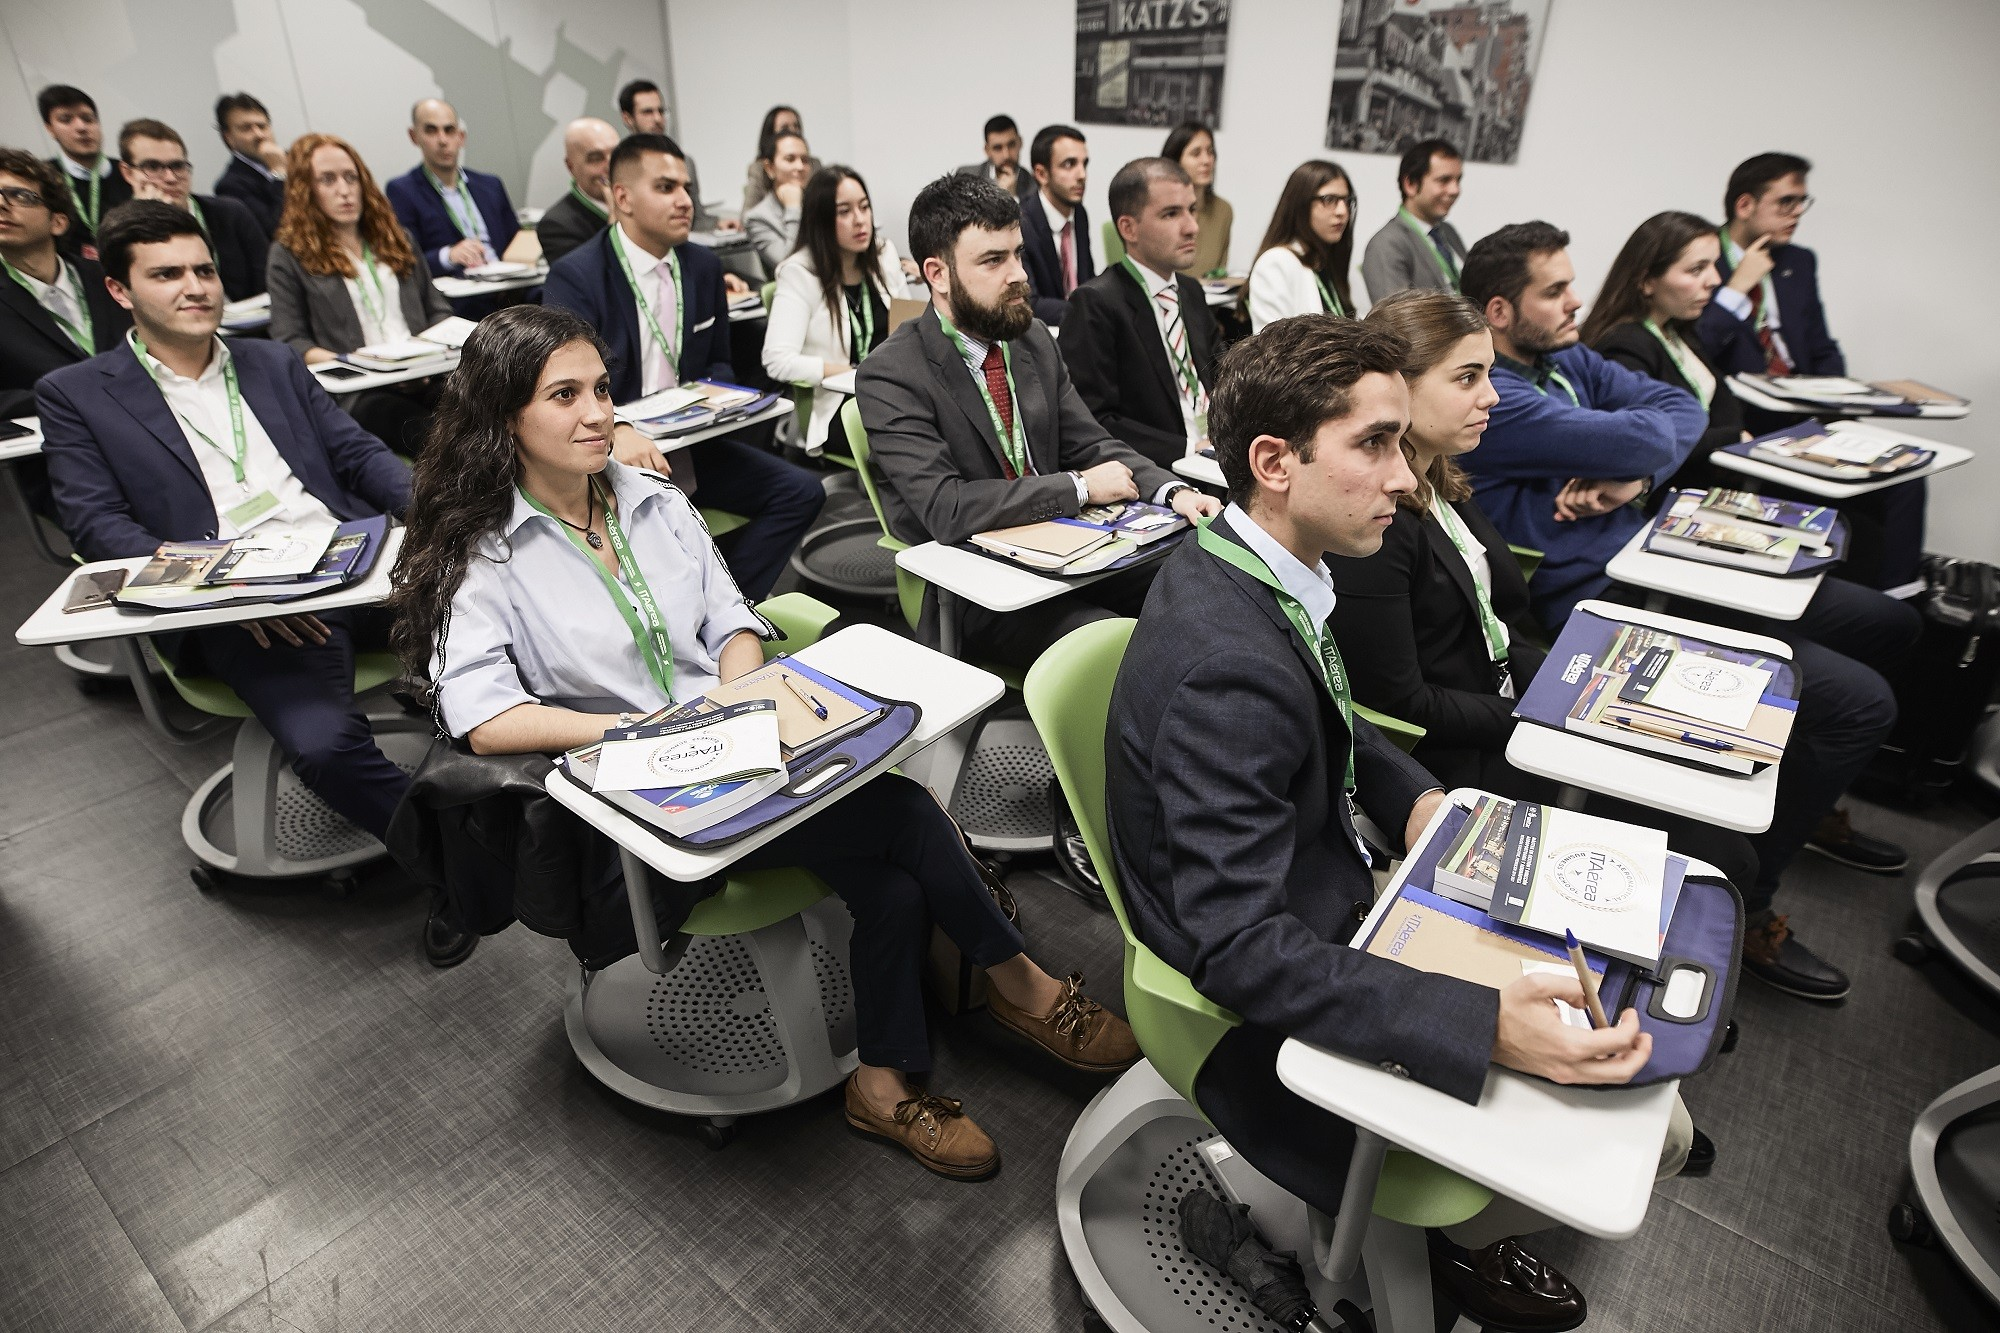 MG 8891 - ITAérea da la bienvenida a la promoción 2019-2021 del MGDA Executive Presencial de Madrid